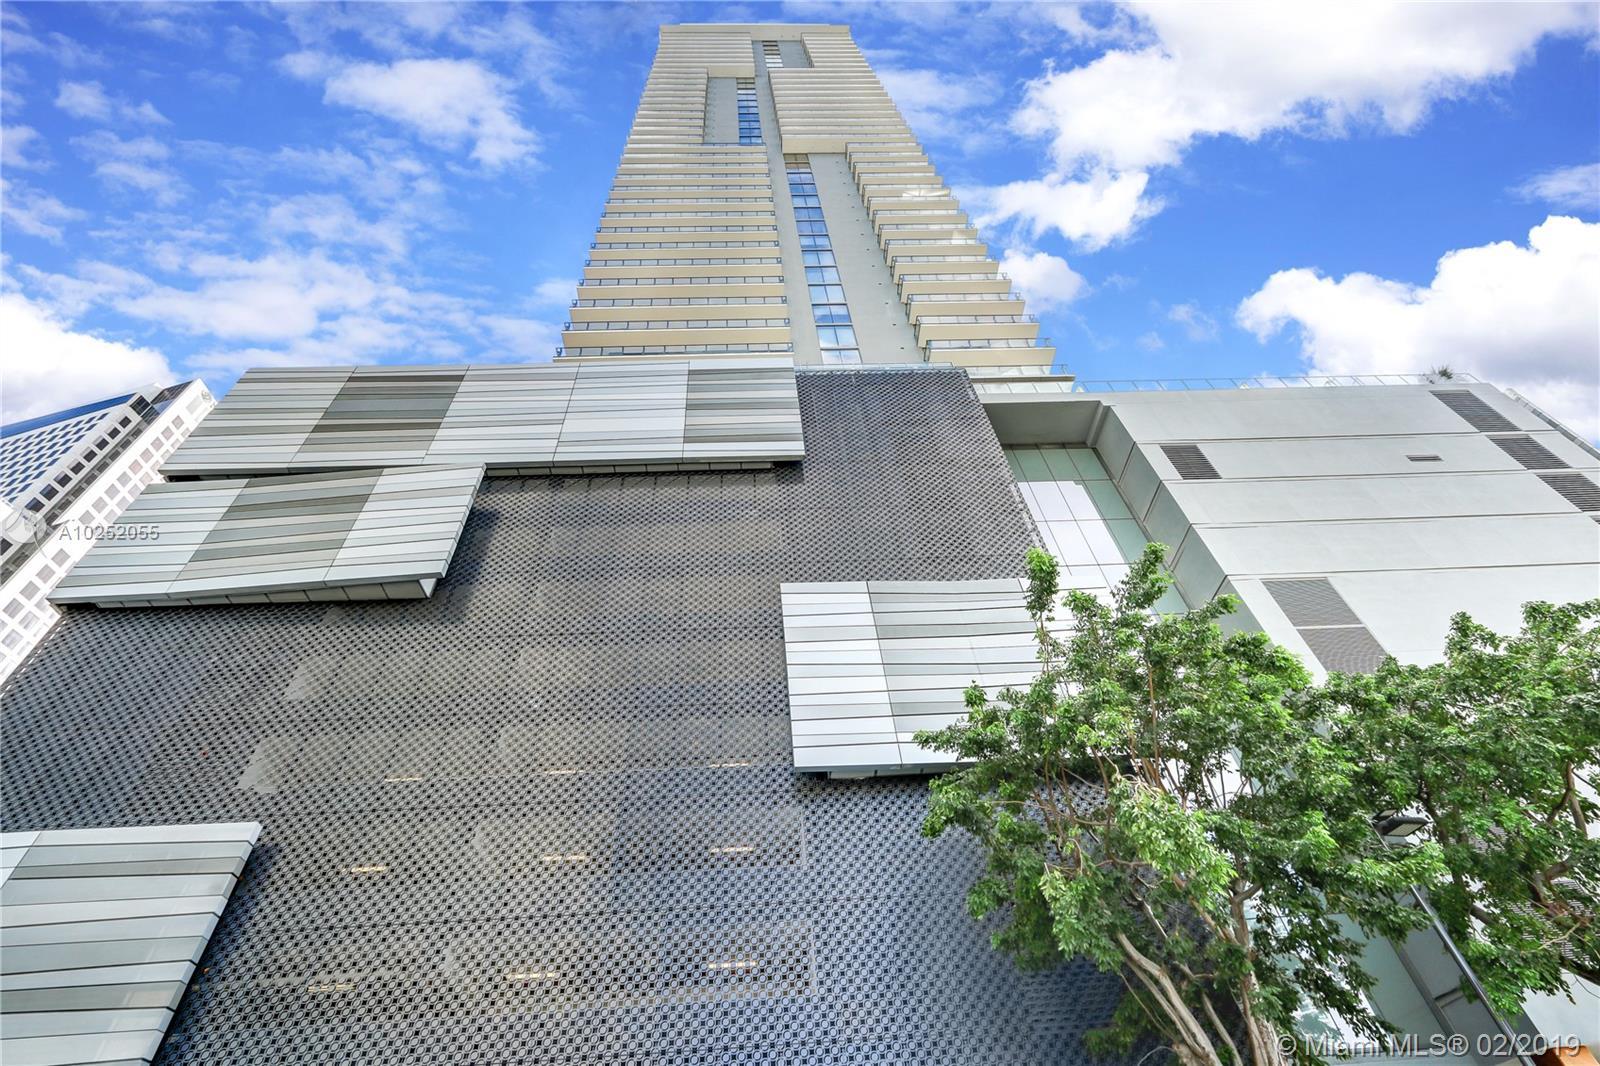 Brickell CityCentre image #2